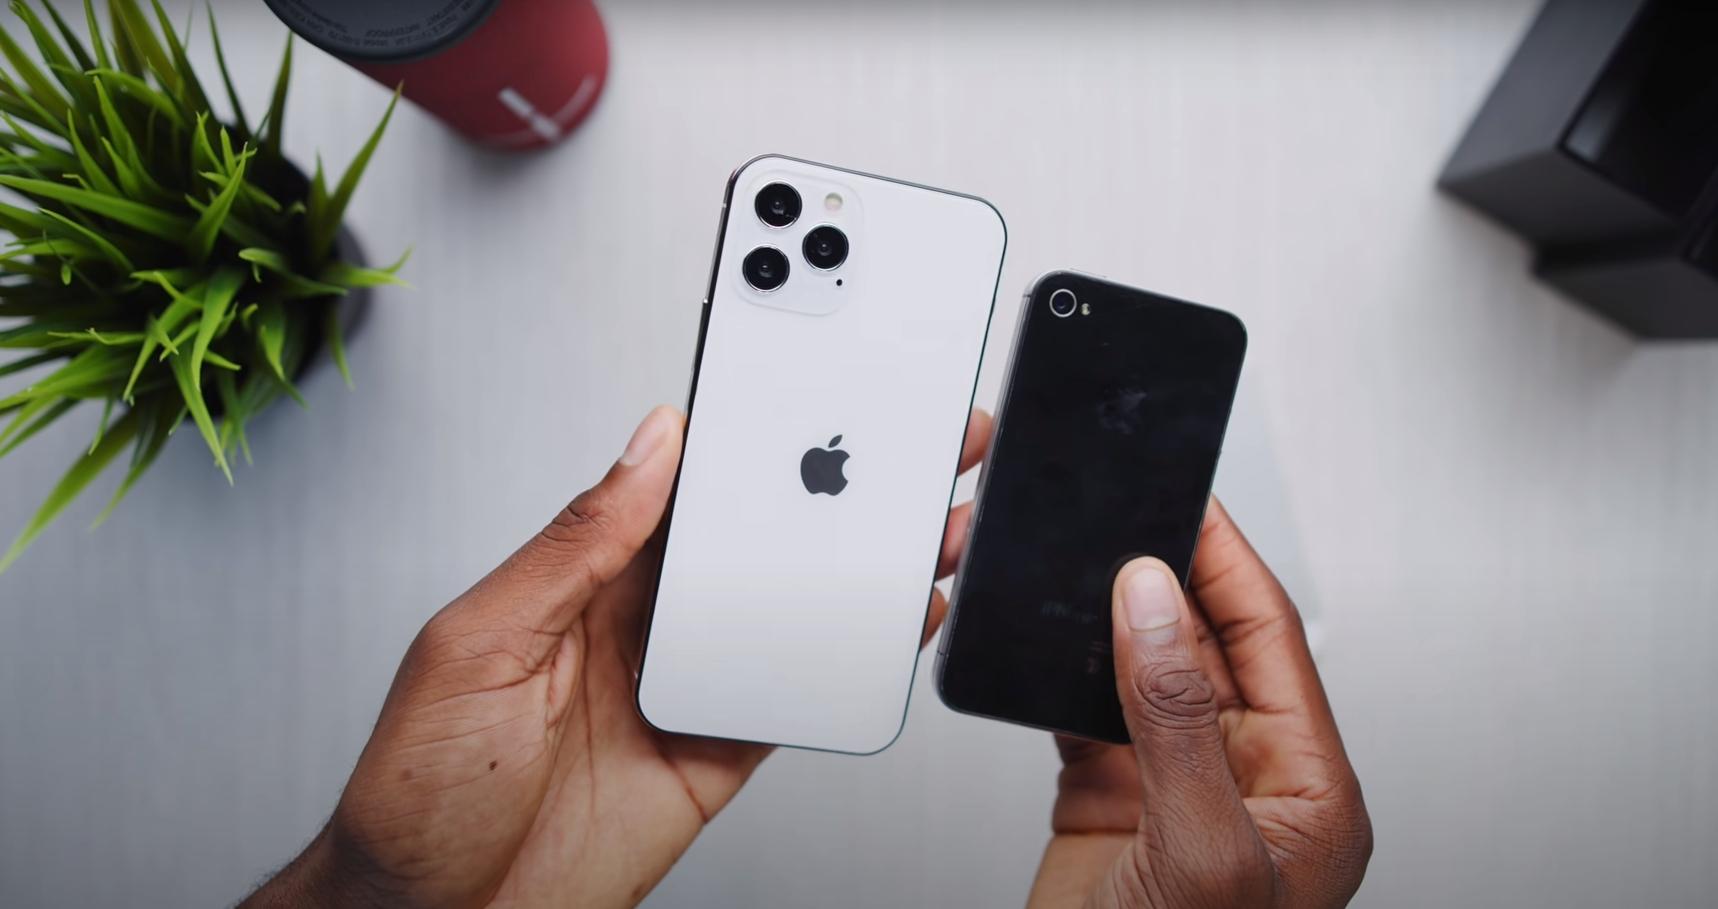 Nejmenší letošní telefon od Applu se má jmenovat iPhone 12 mini